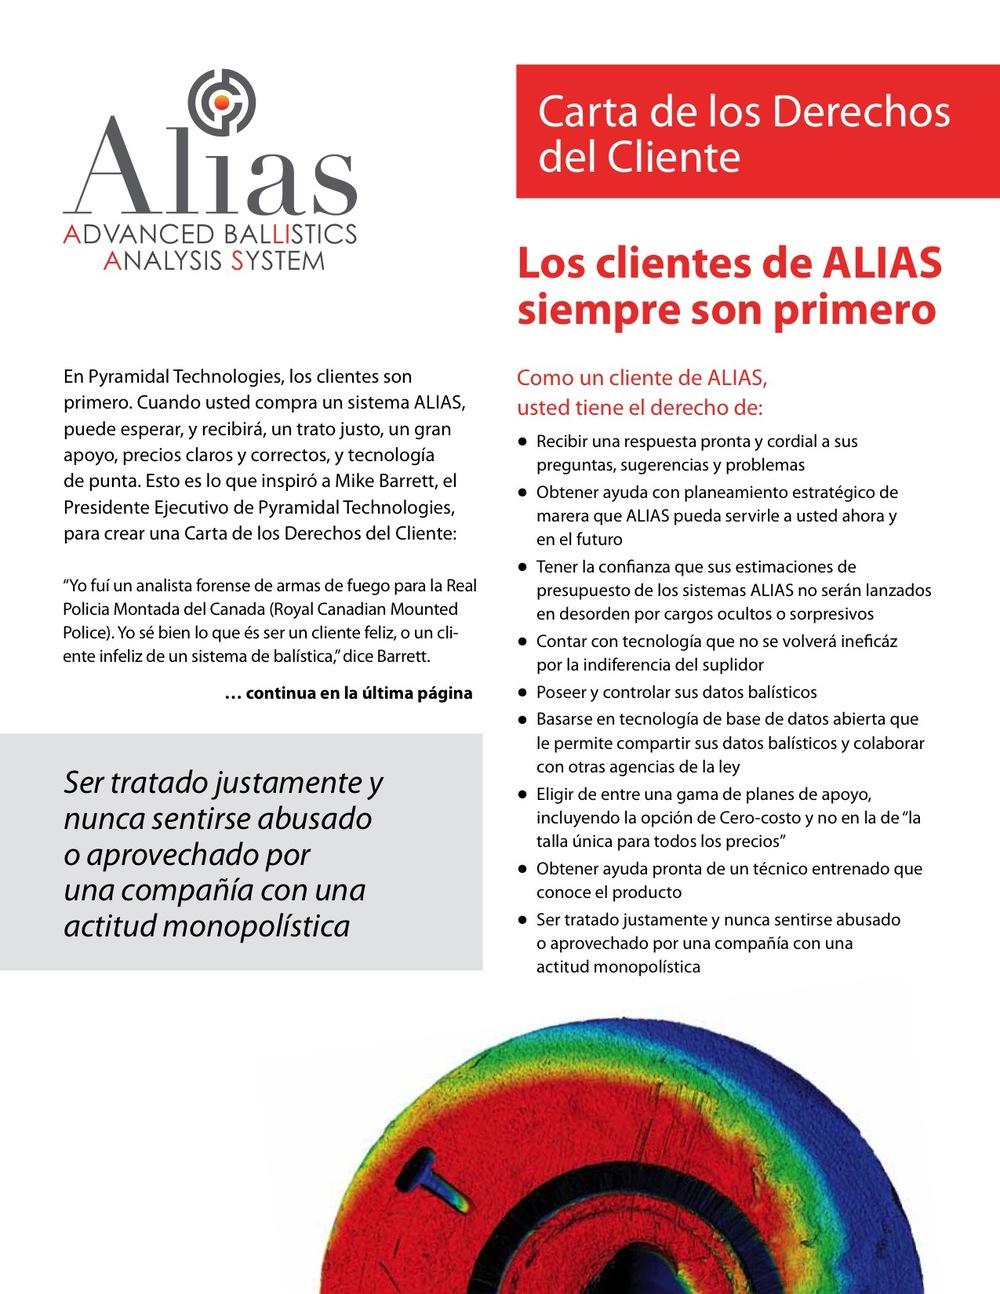 ALIAS_BillofRights_Aug2010_Spanish_VIEW-page1.jpg